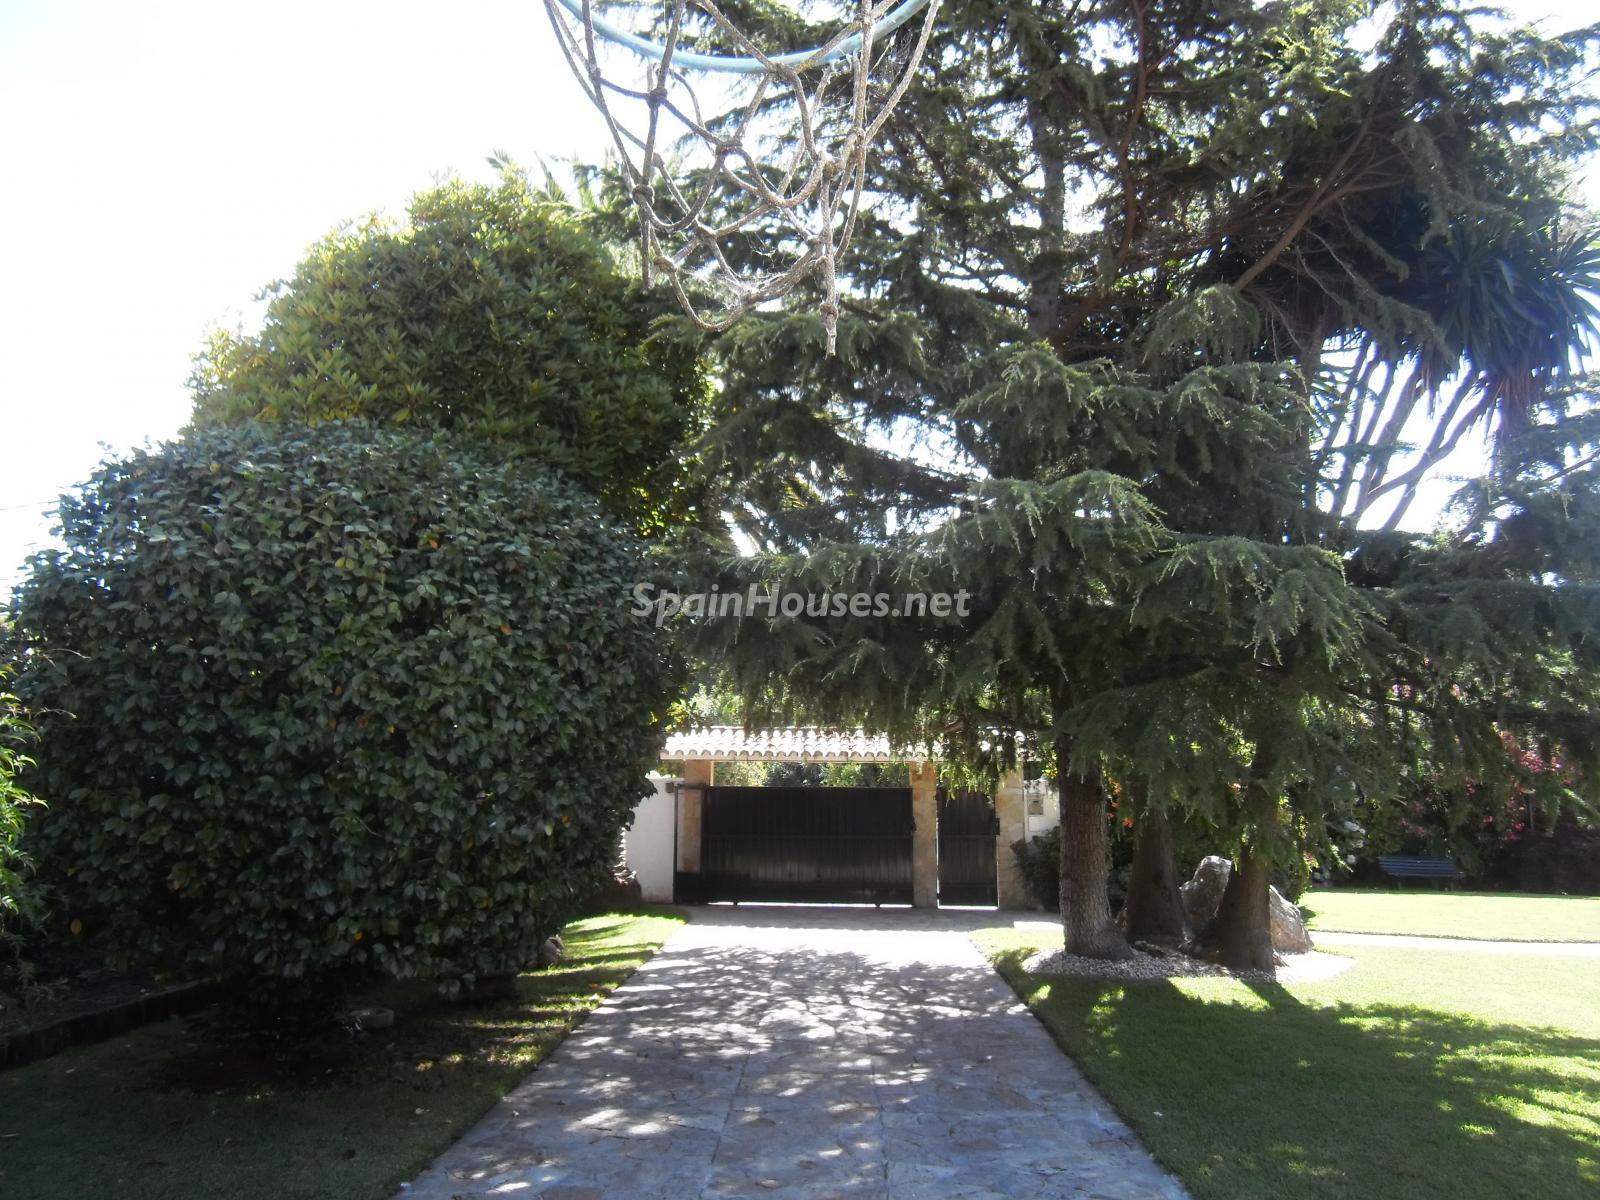 Foto 31 - Chalet independiente en venta en Oleiros, Ref: 1825929